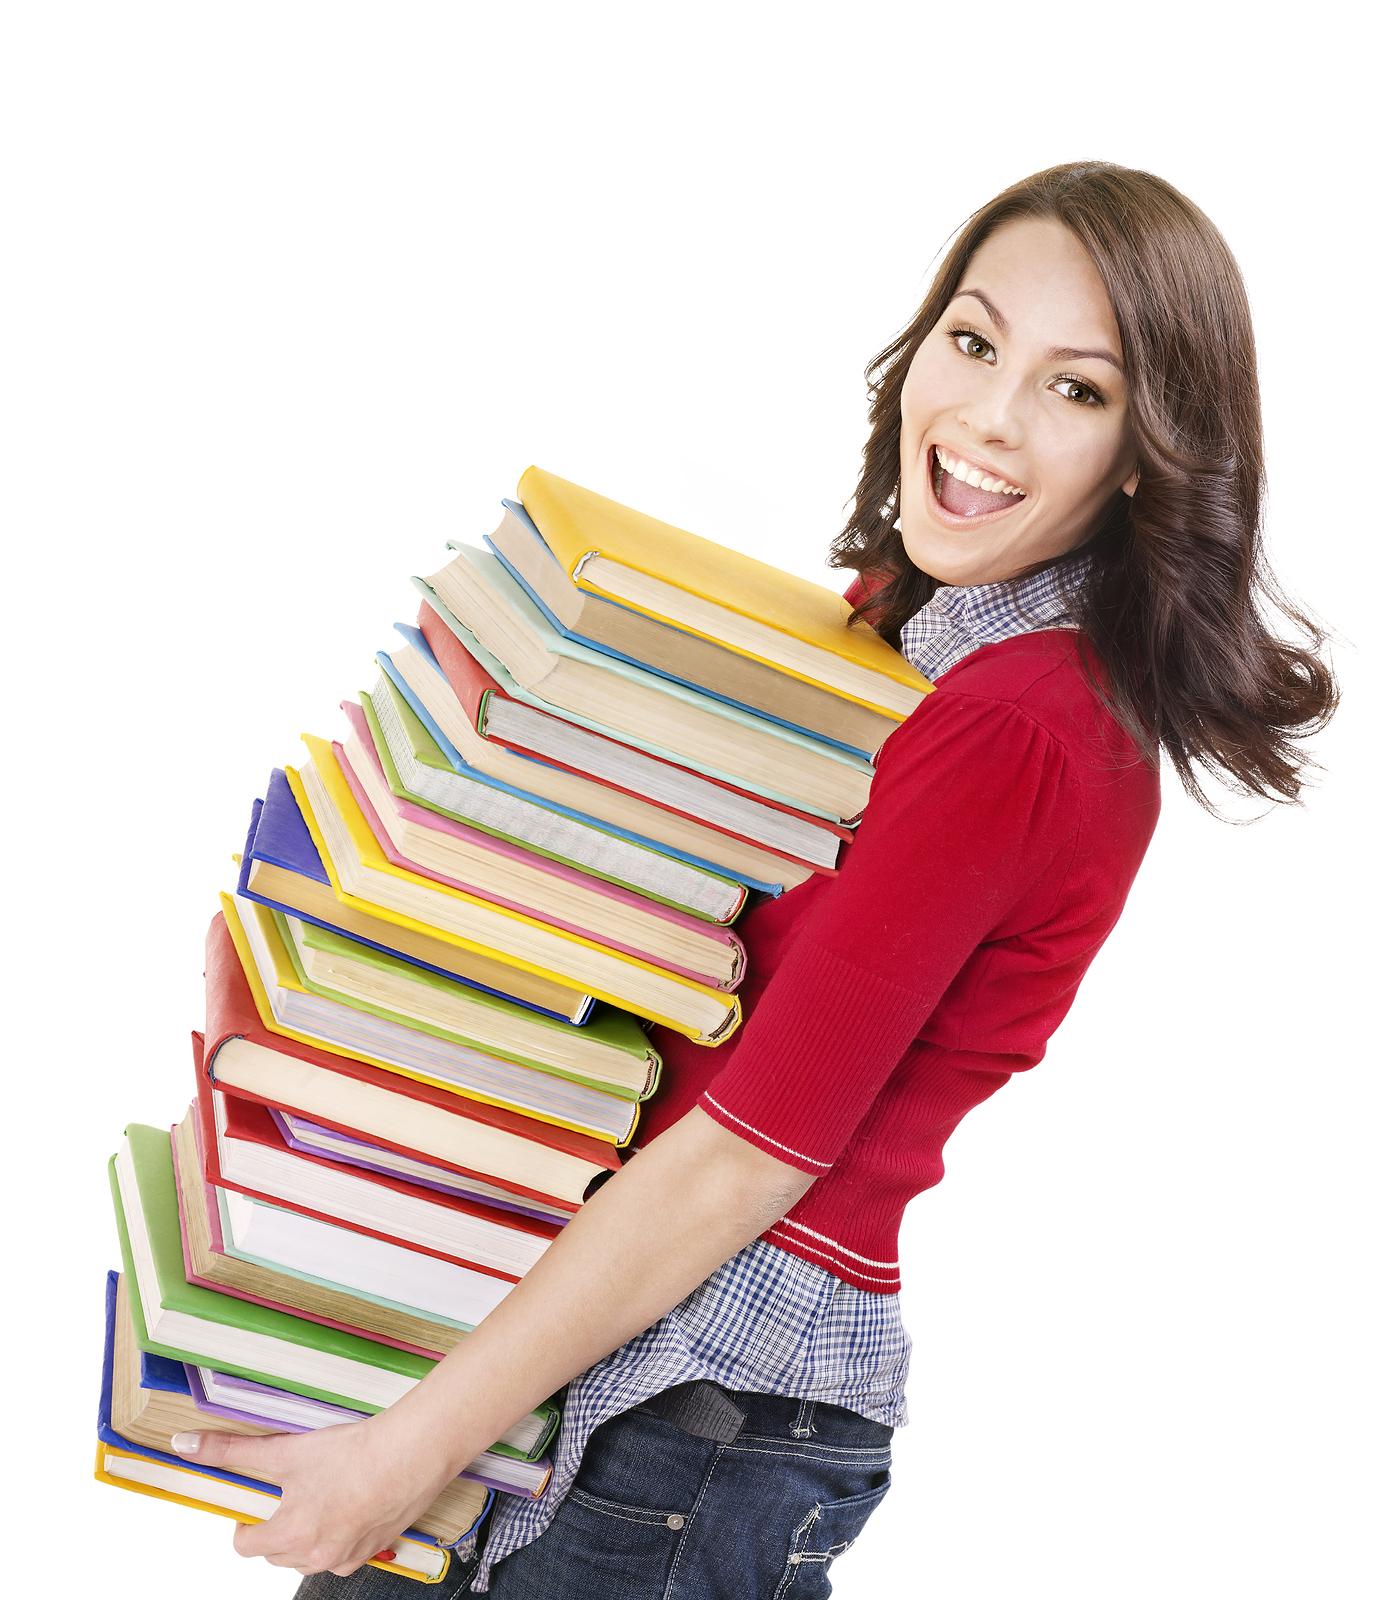 Куда пойти учиться после 9 класса девушке - самые выгодные профессии